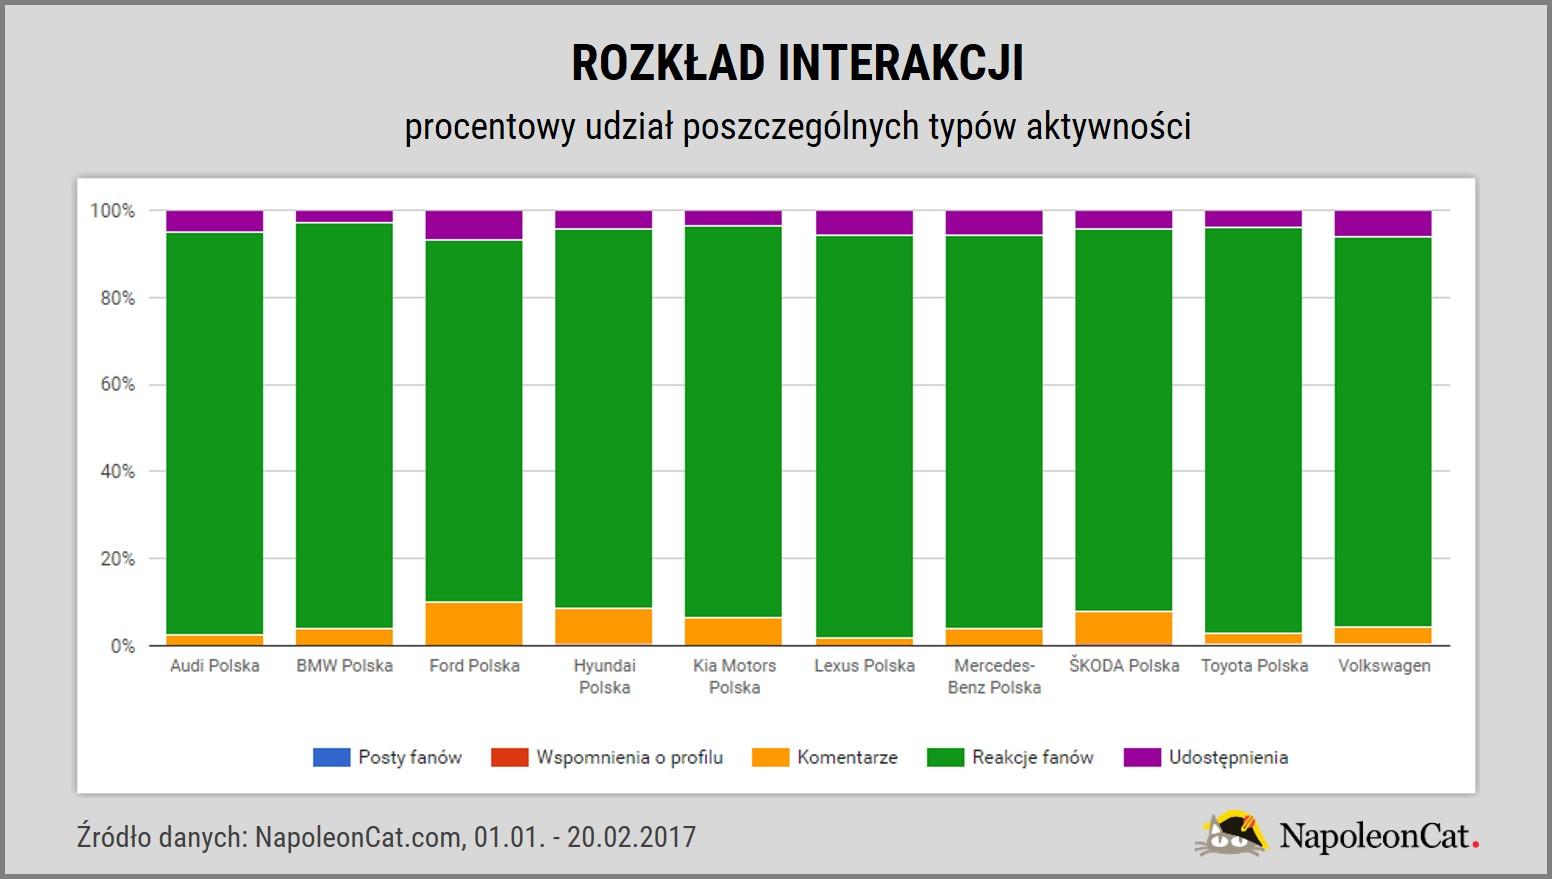 Najpopularniejsze marki samochodowe na Facebooku_rozklad interakcji